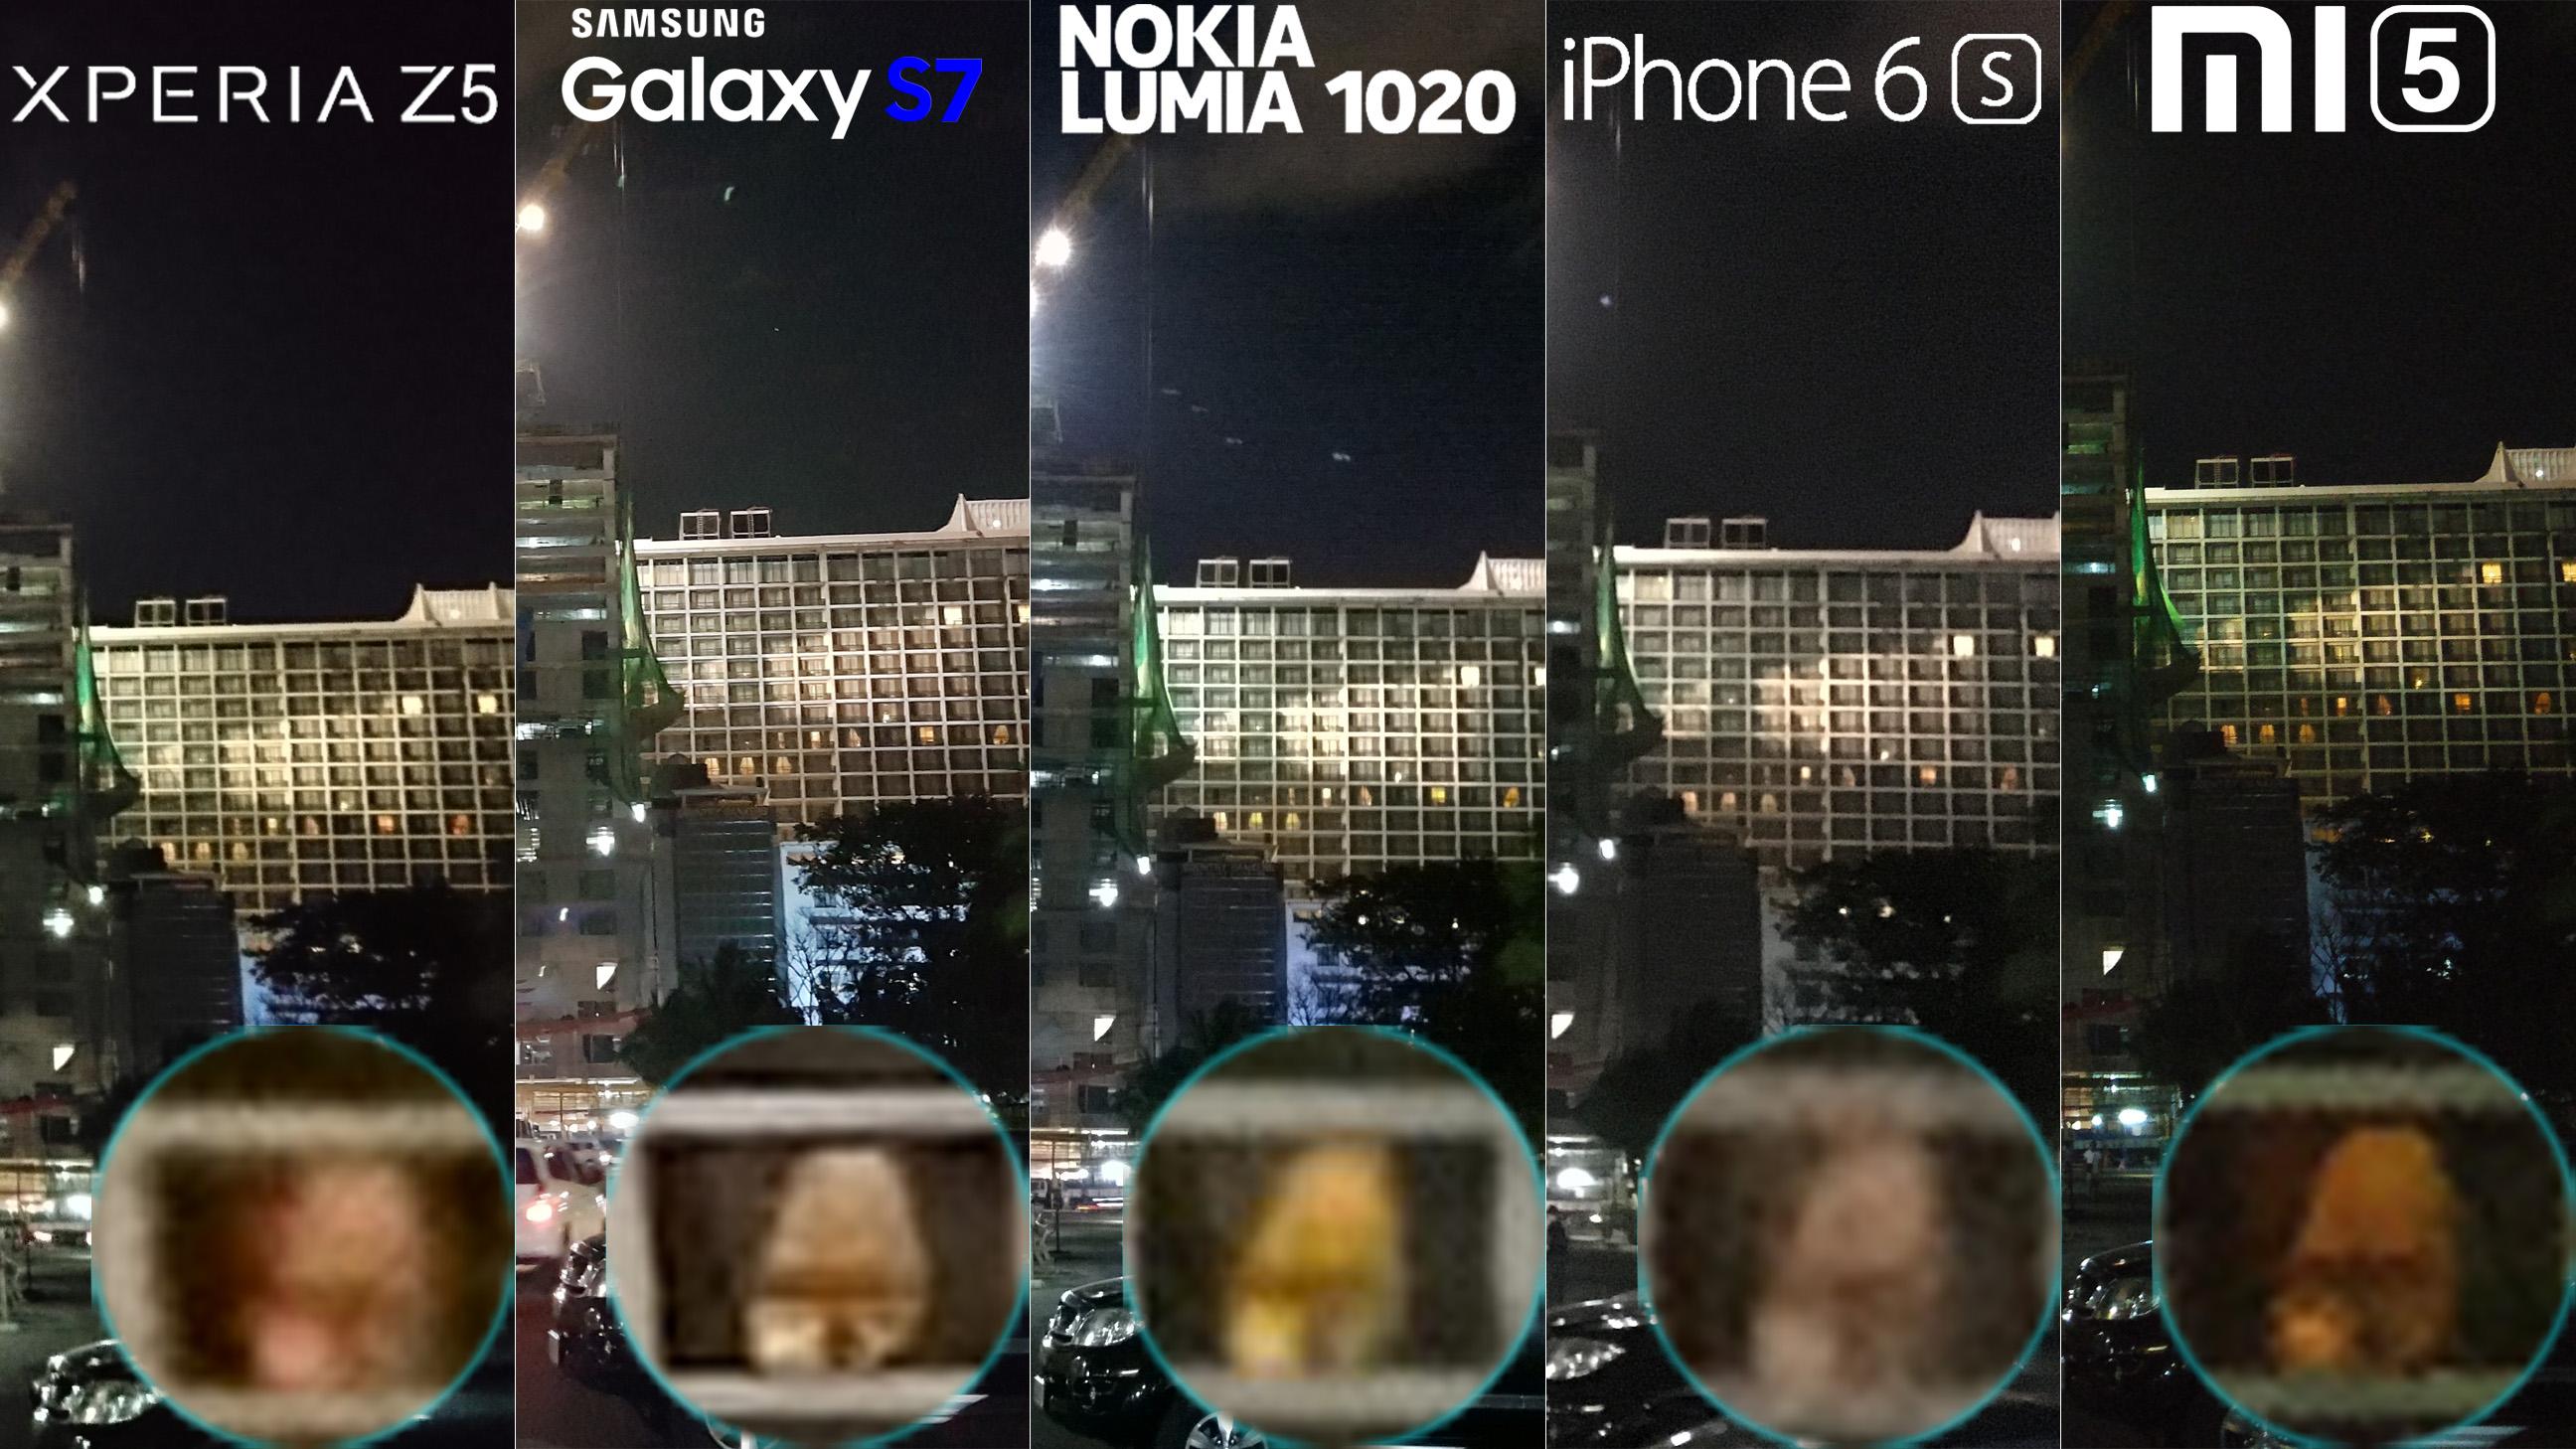 Galaxy S7 Xperia Z5 Lumia 1020 iphone 6s Xiaomi Mi 5 Camera Review Comaprison 9